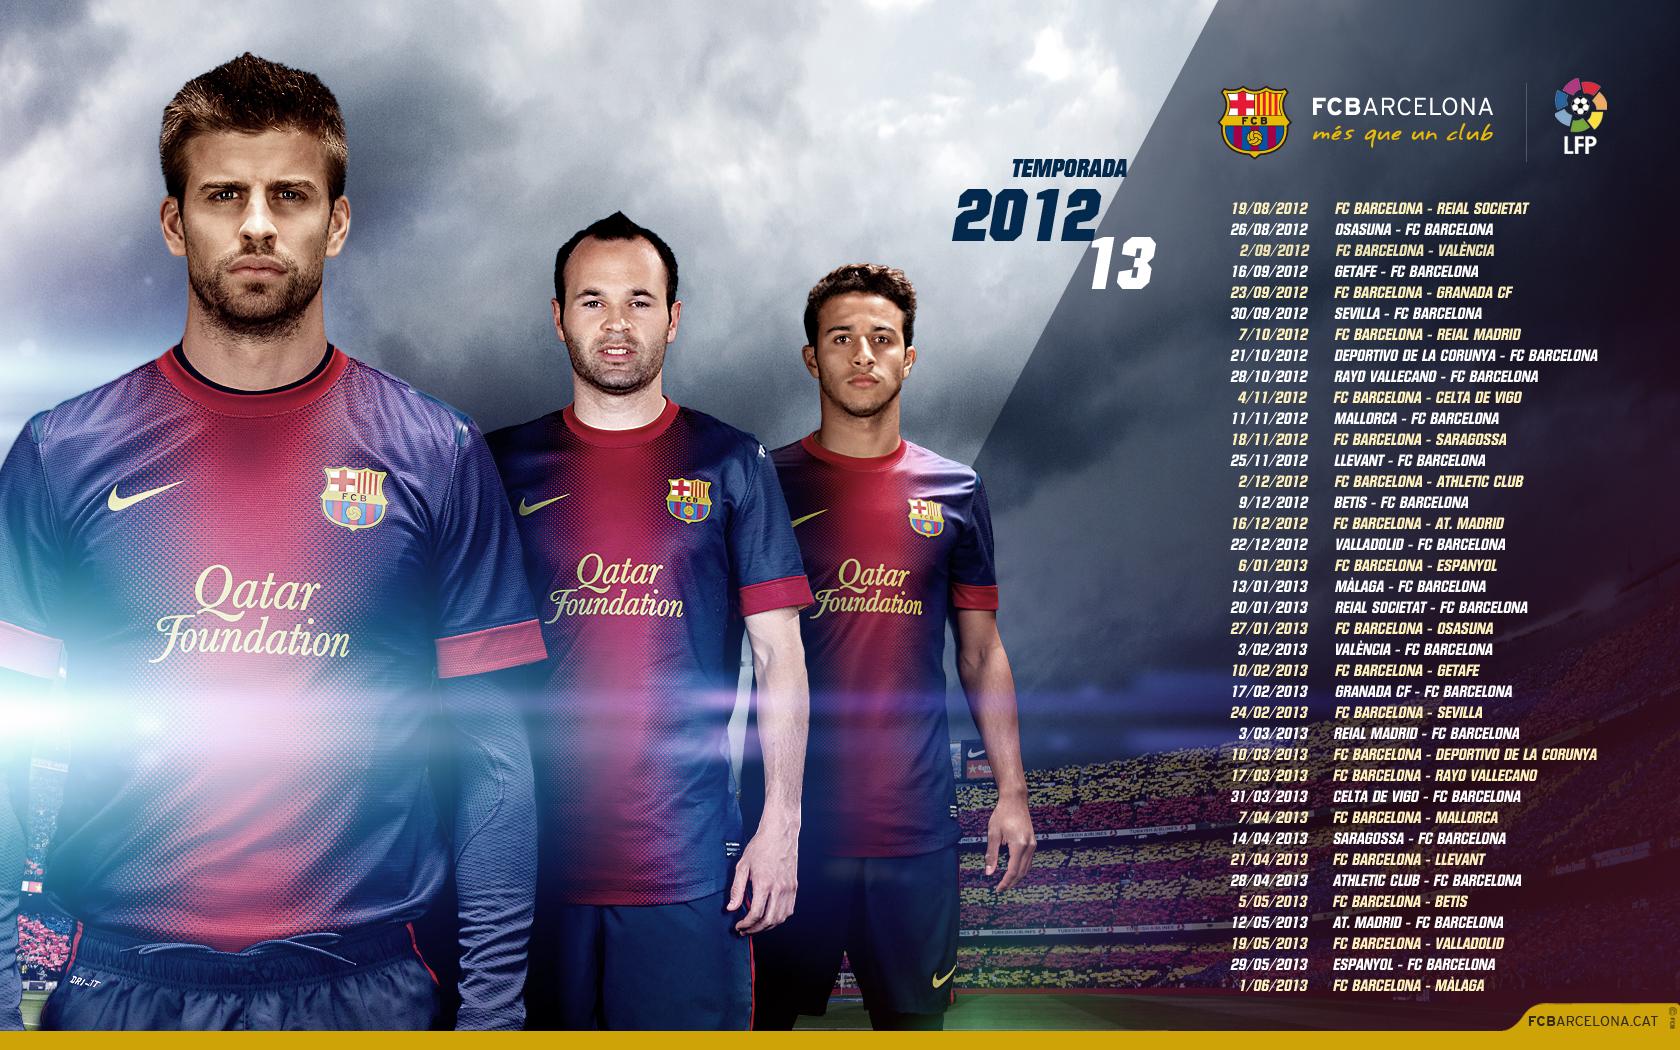 Barcelona Calendar Wallpaper : خلفيات شاشة خاصة fc barcelona